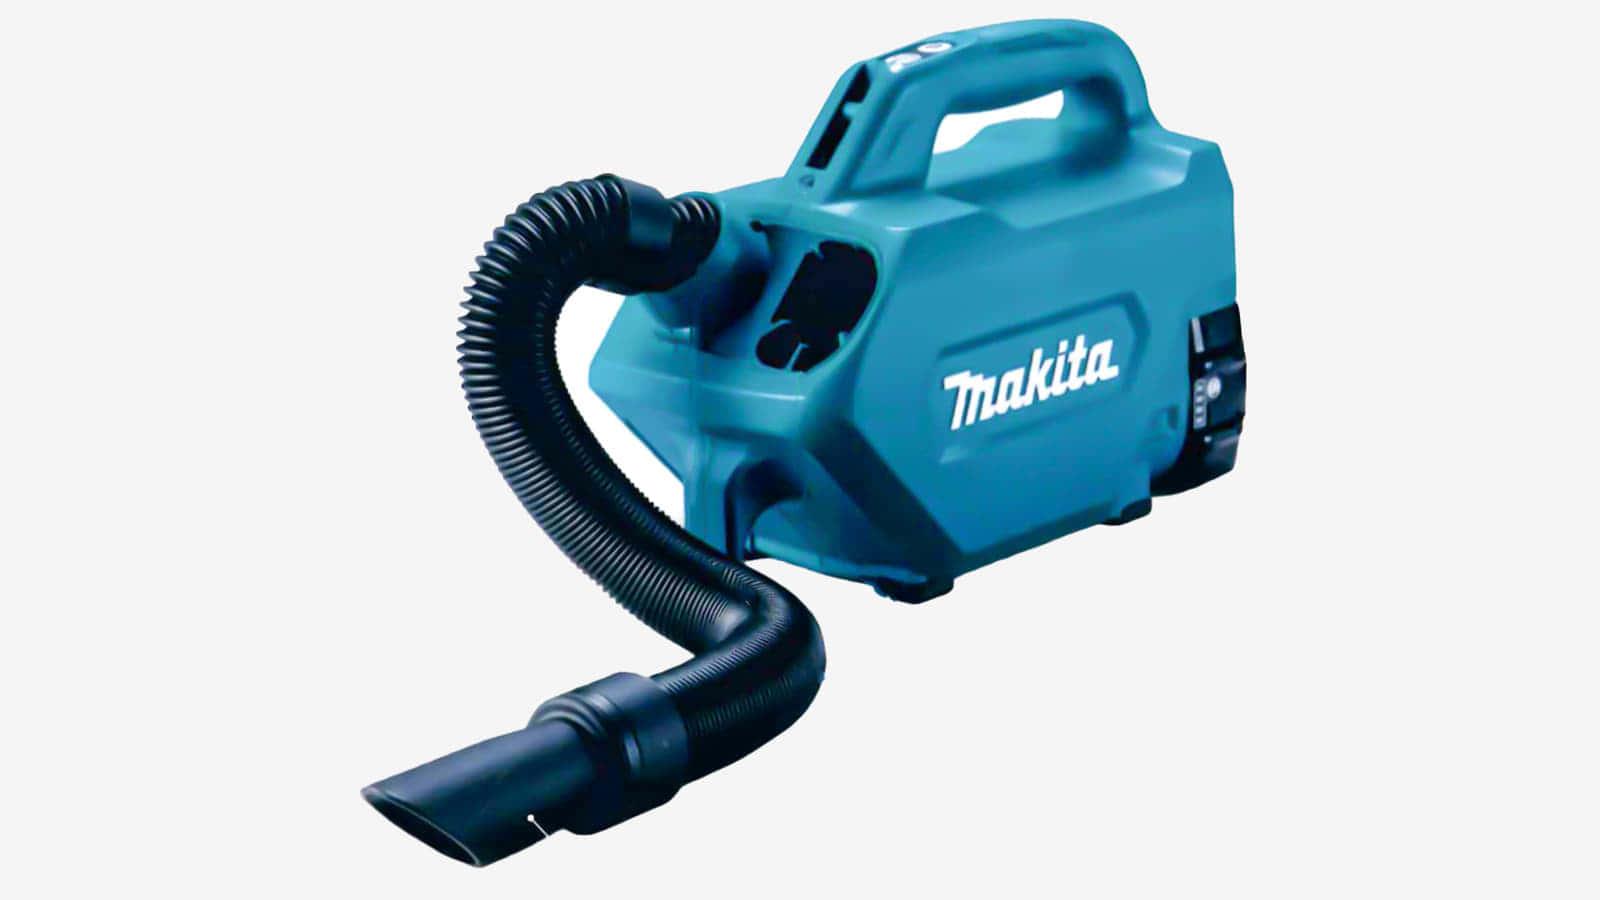 マキタ 18V充電式クリーナー「CL184D」発売、持ち運びに優れたショルダータイプ